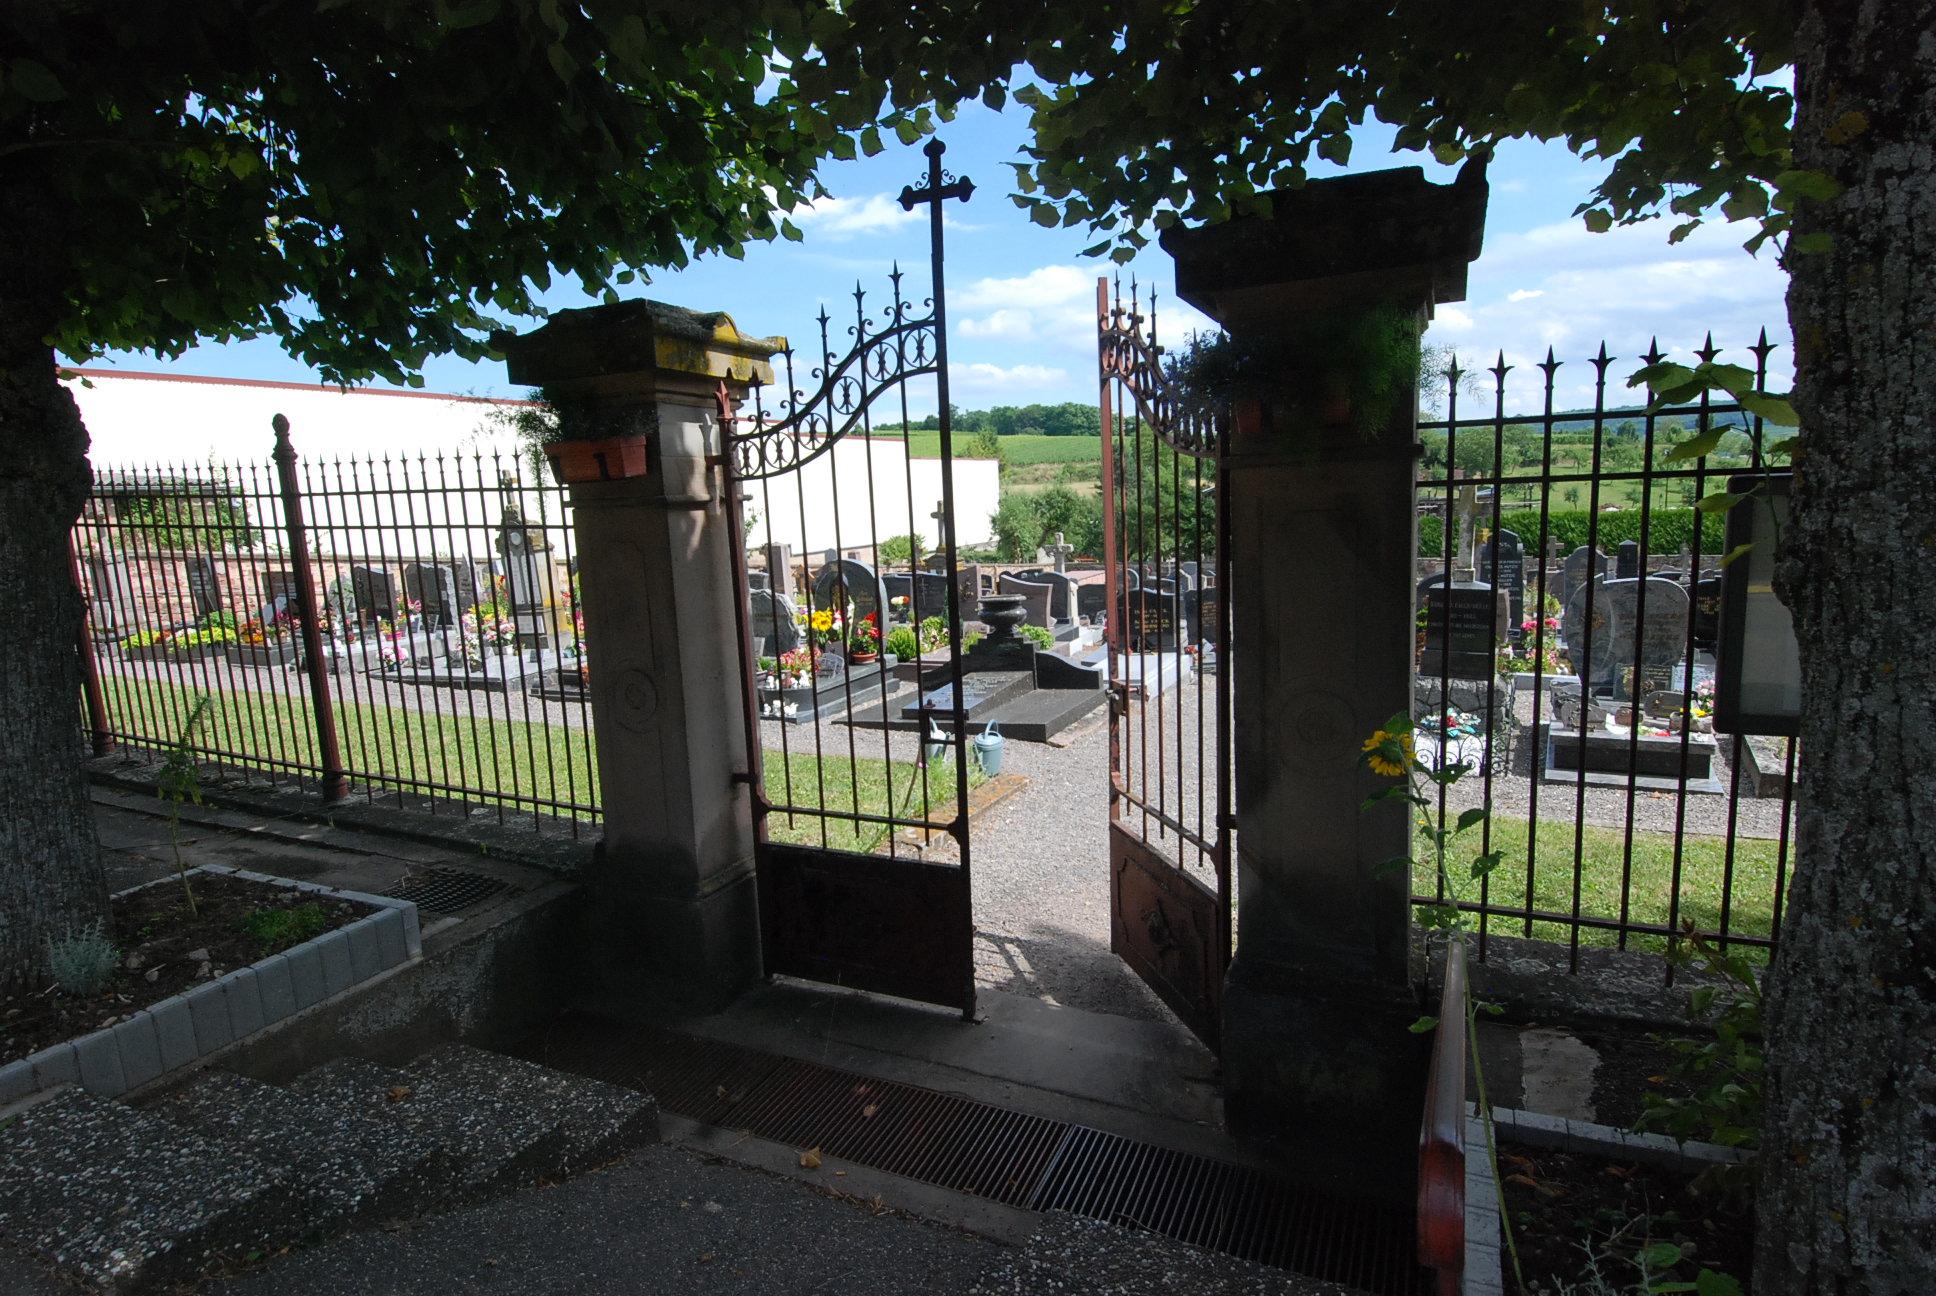 porte d'entrée ouverte du cimetière de Balbronn